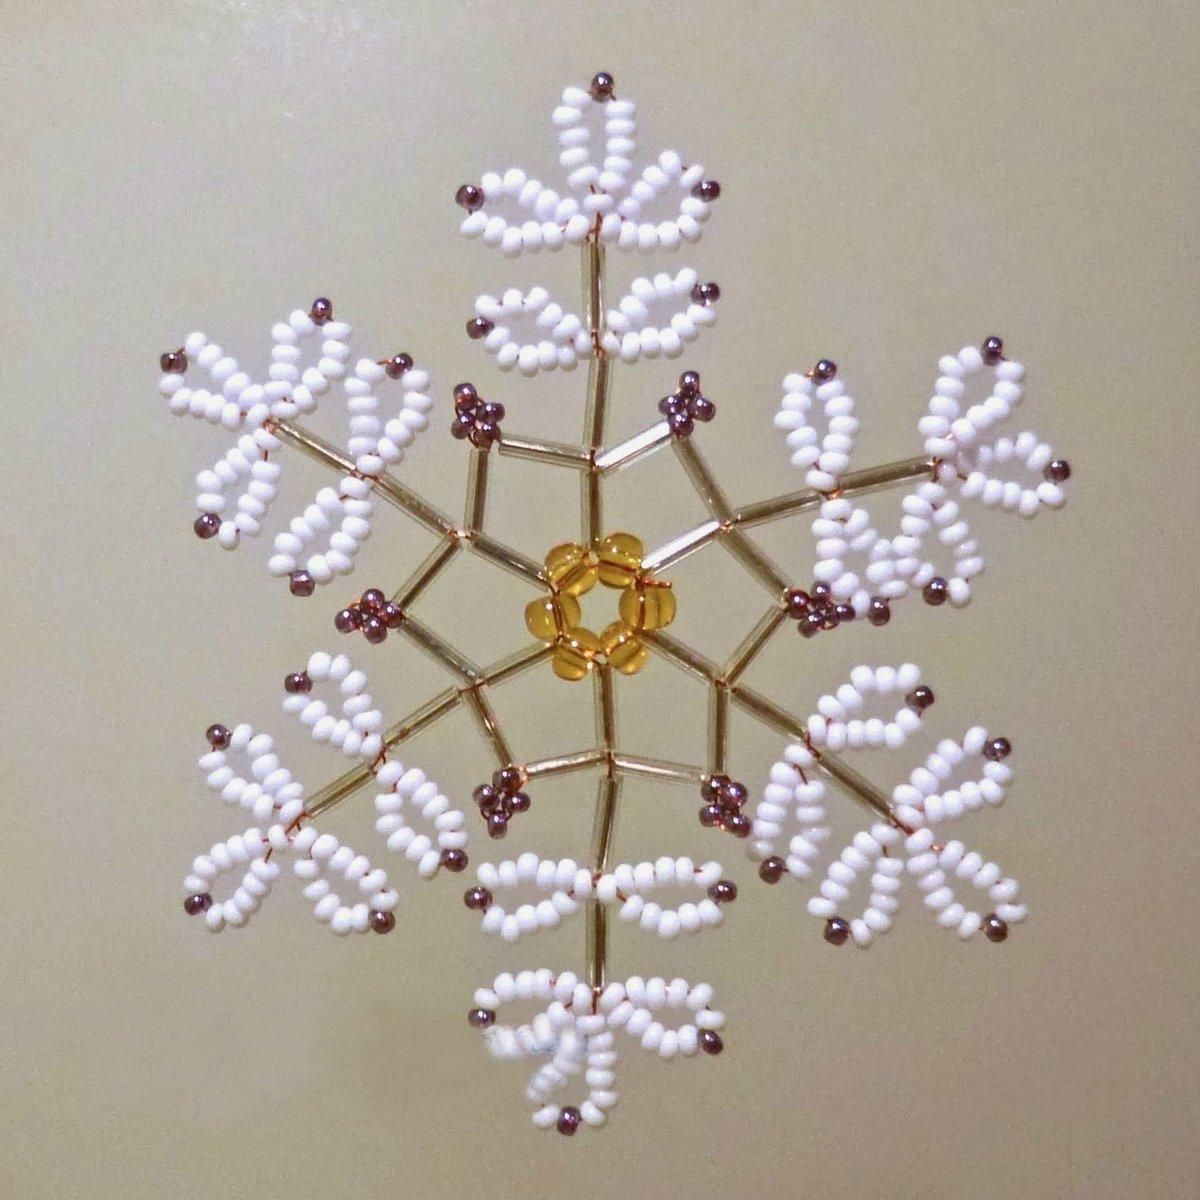 Снежинки бисера мастер класс с пошаговым фото